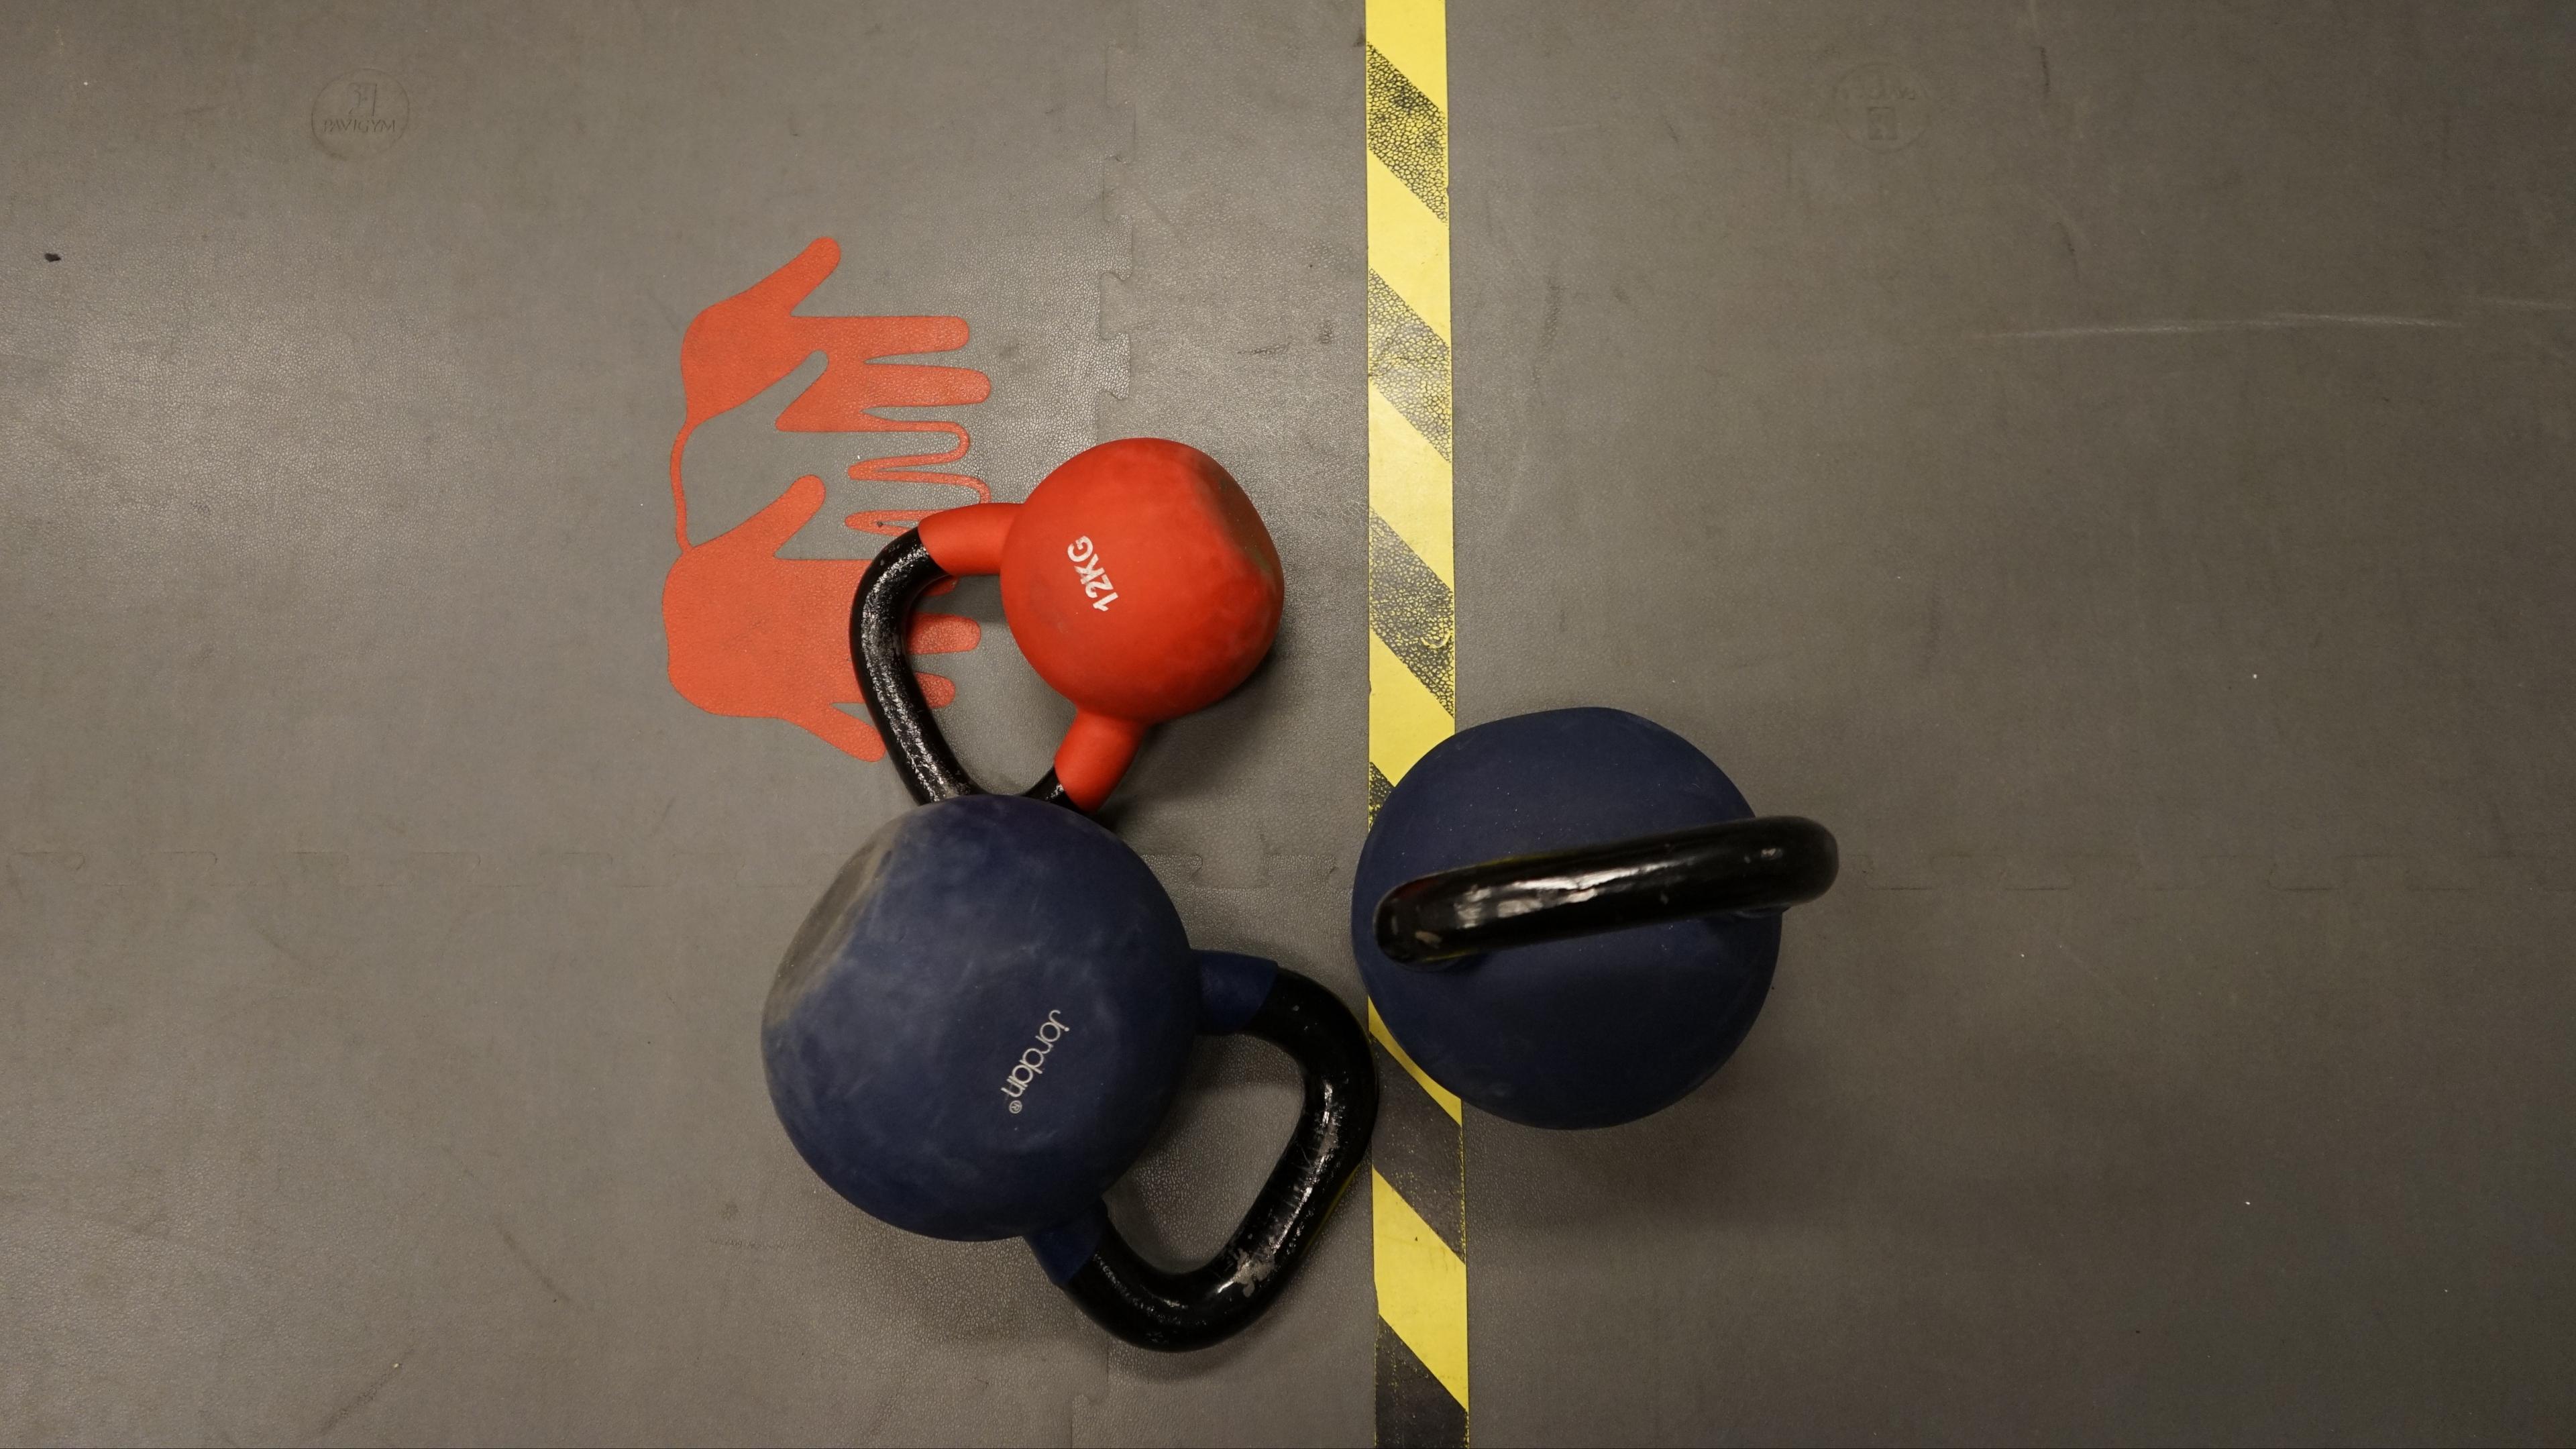 weights paint sport 4k 1540063079 - weights, paint, sport 4k - weights, Sport, Paint